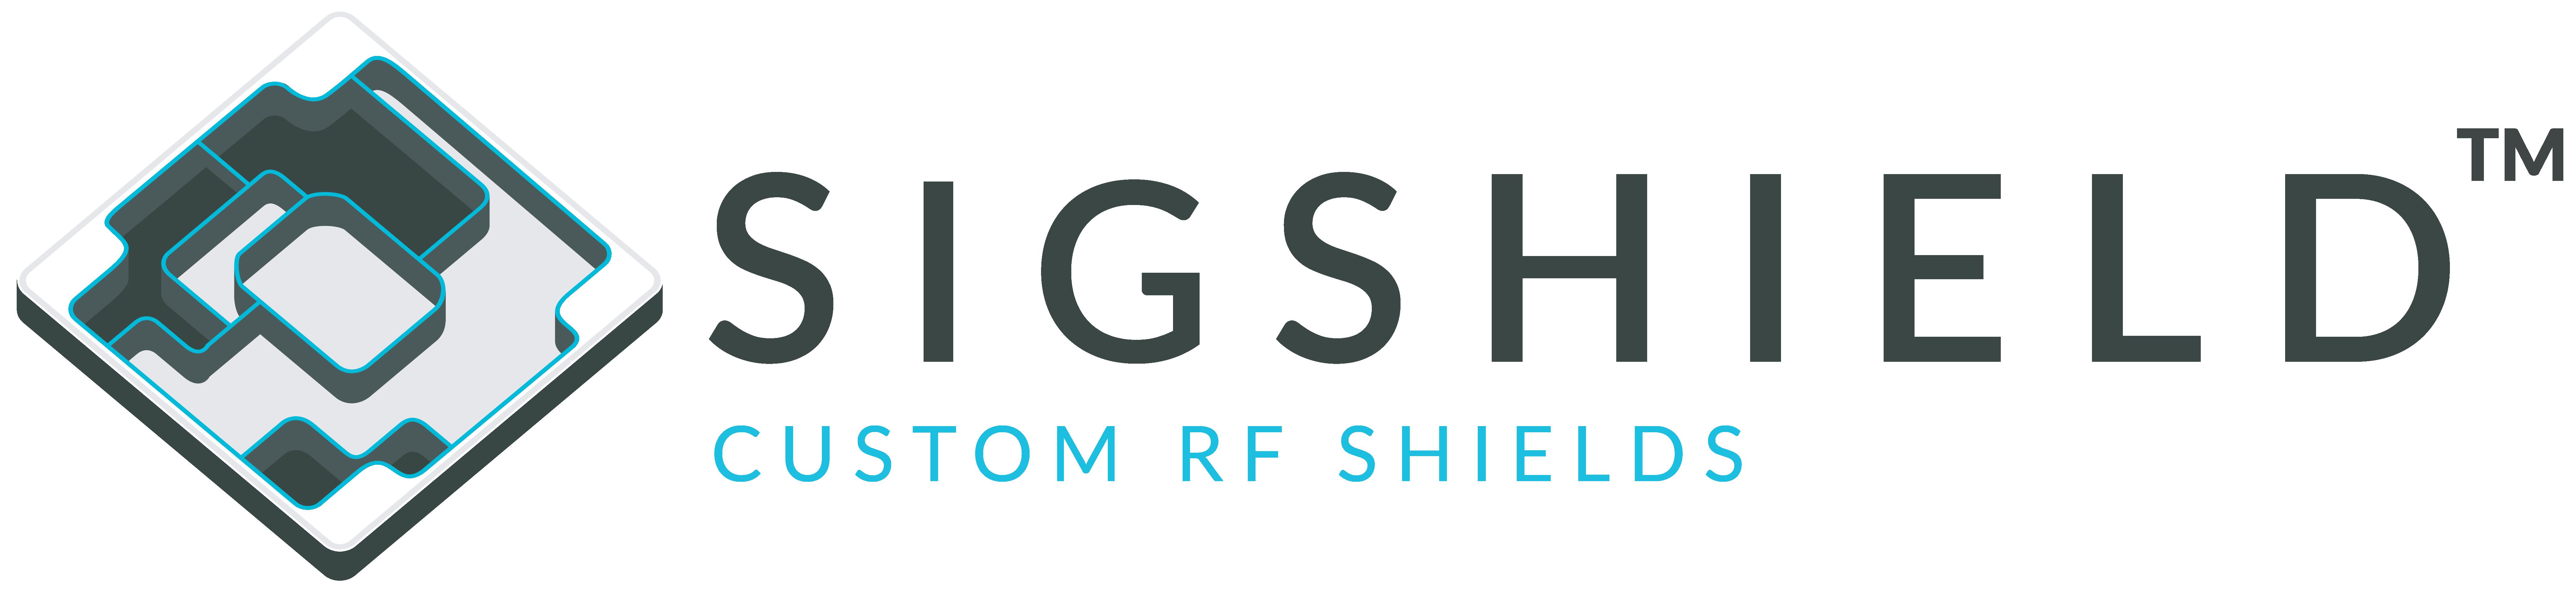 SigShield-Logo-TransparentBG-W